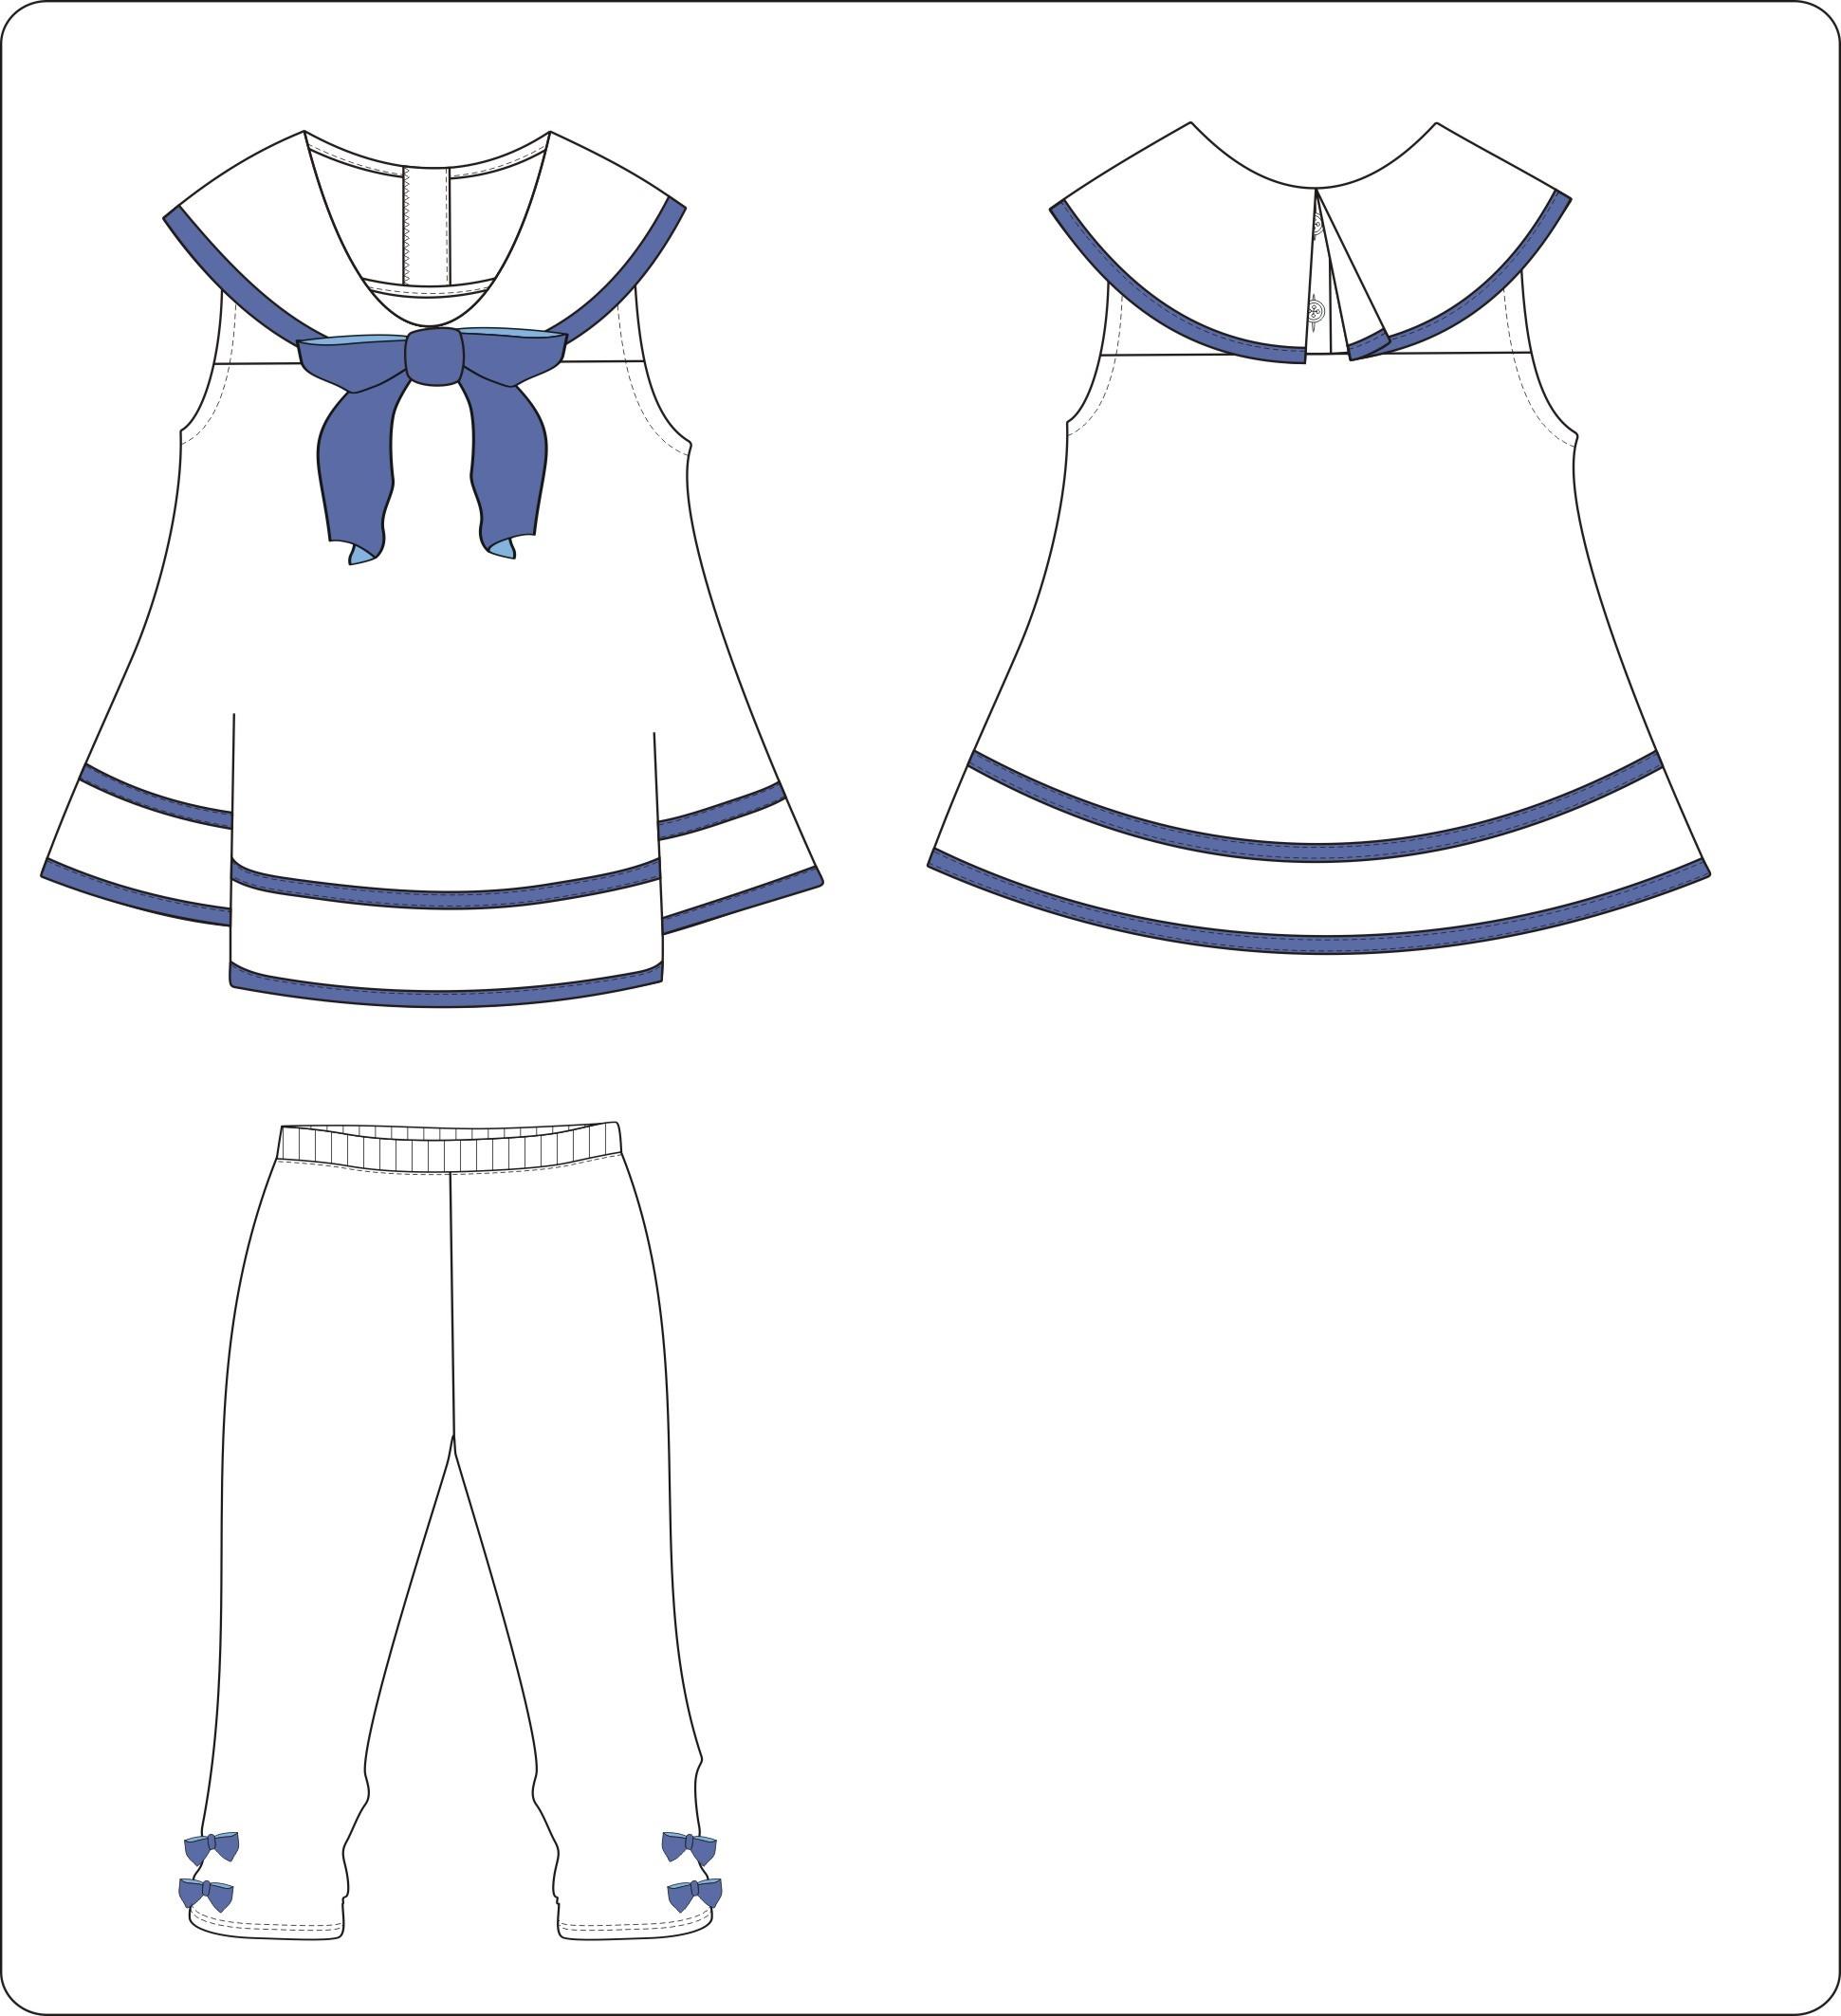 服装童装款式设计